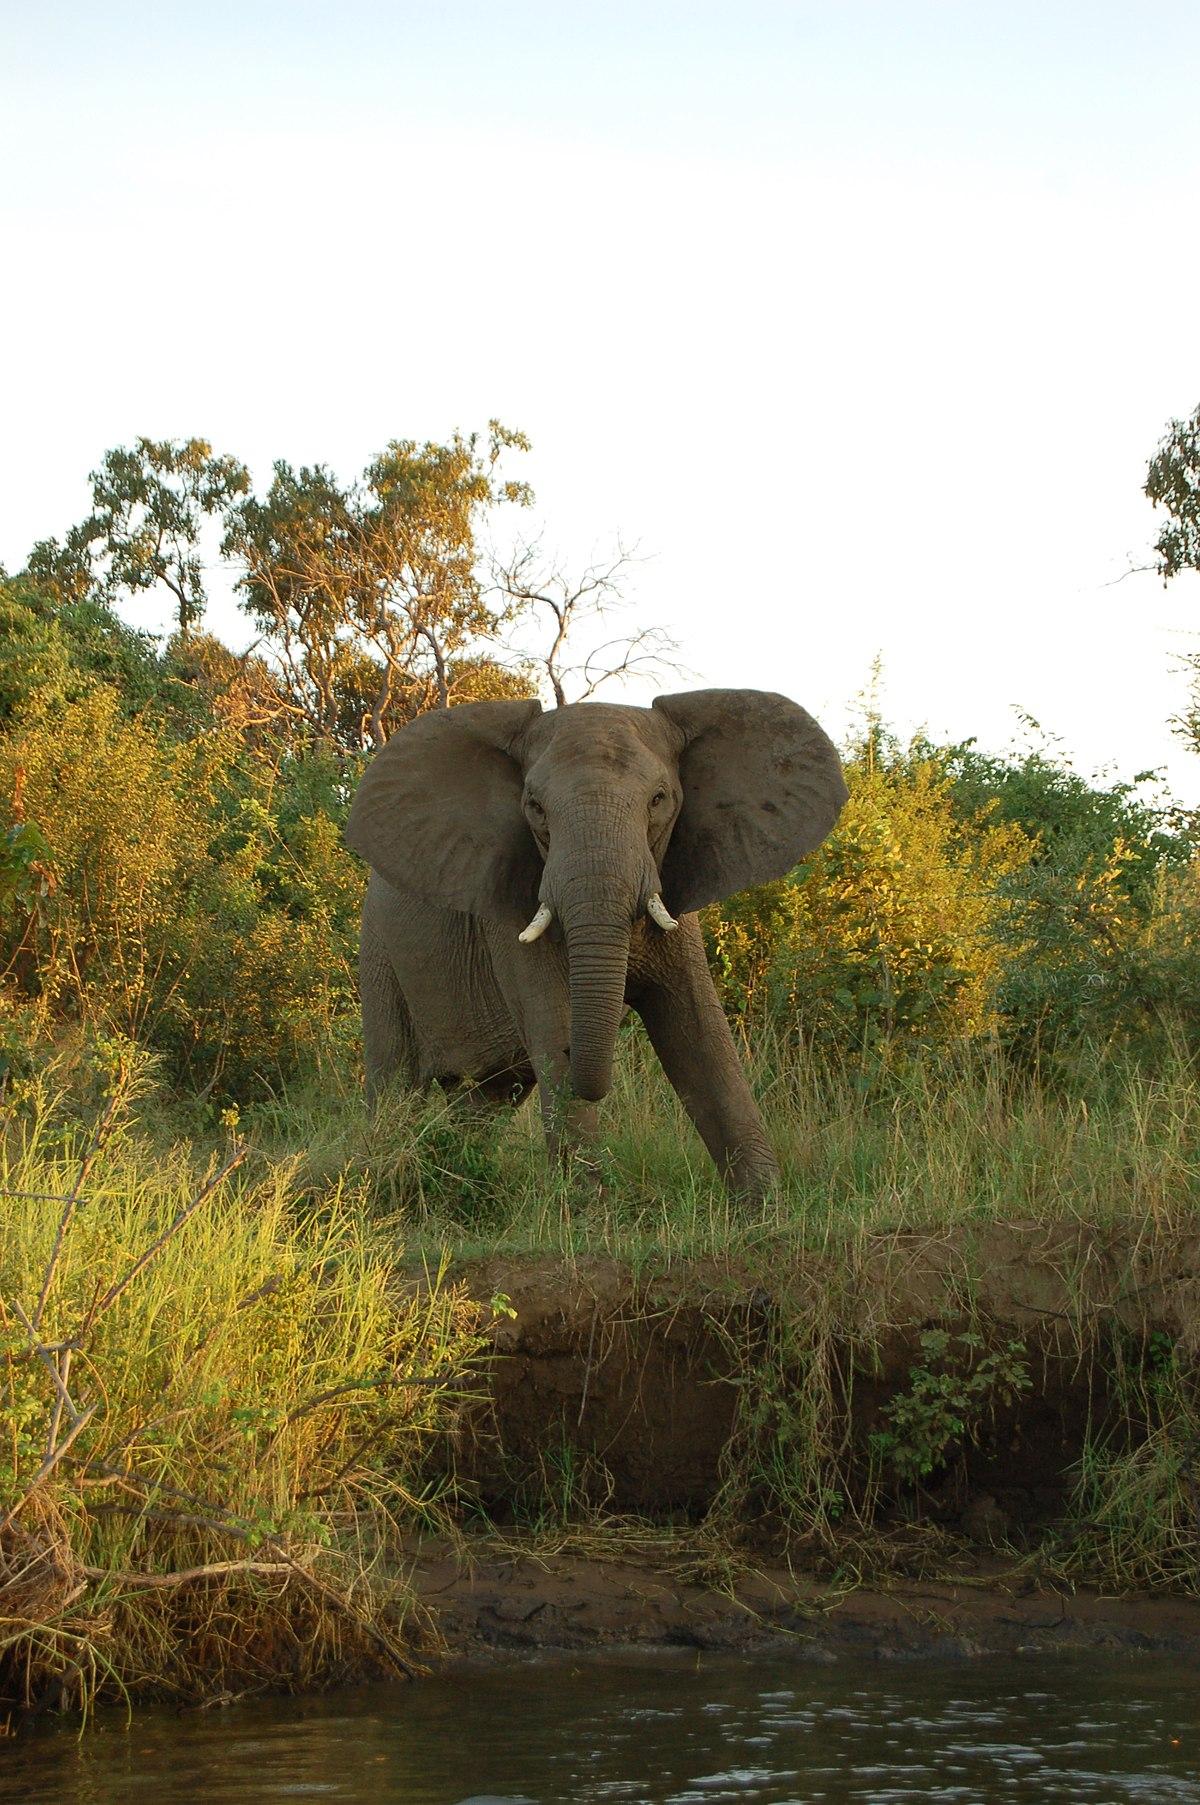 Lower Zambezi National Park - Wikipedia